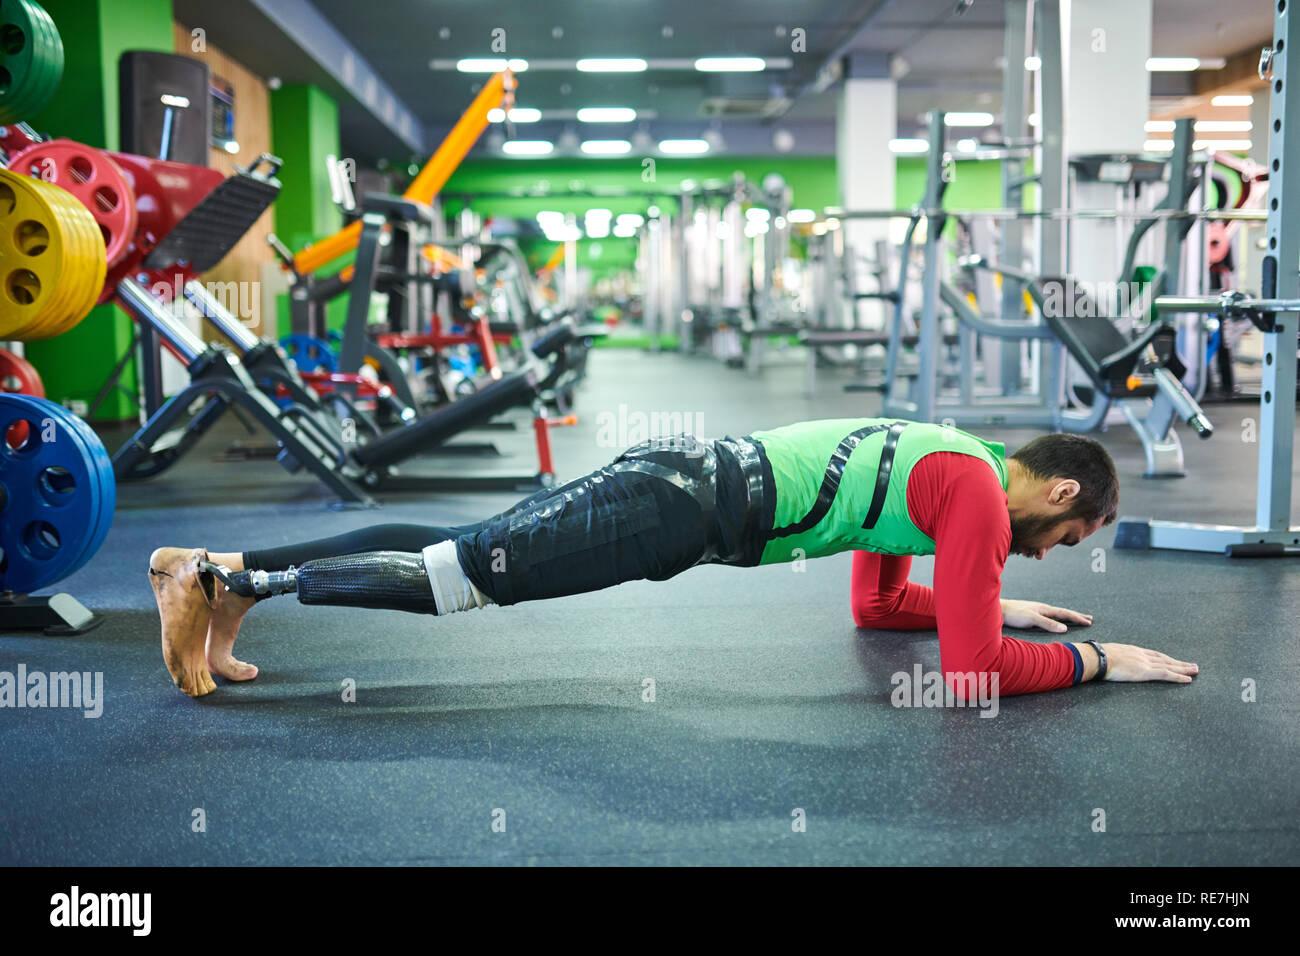 Konzentrierter junger bärtiger Mann mit beinprothese Durchführung plank Übung in modern mit Trainingsgeräten ausgestattet Stockbild